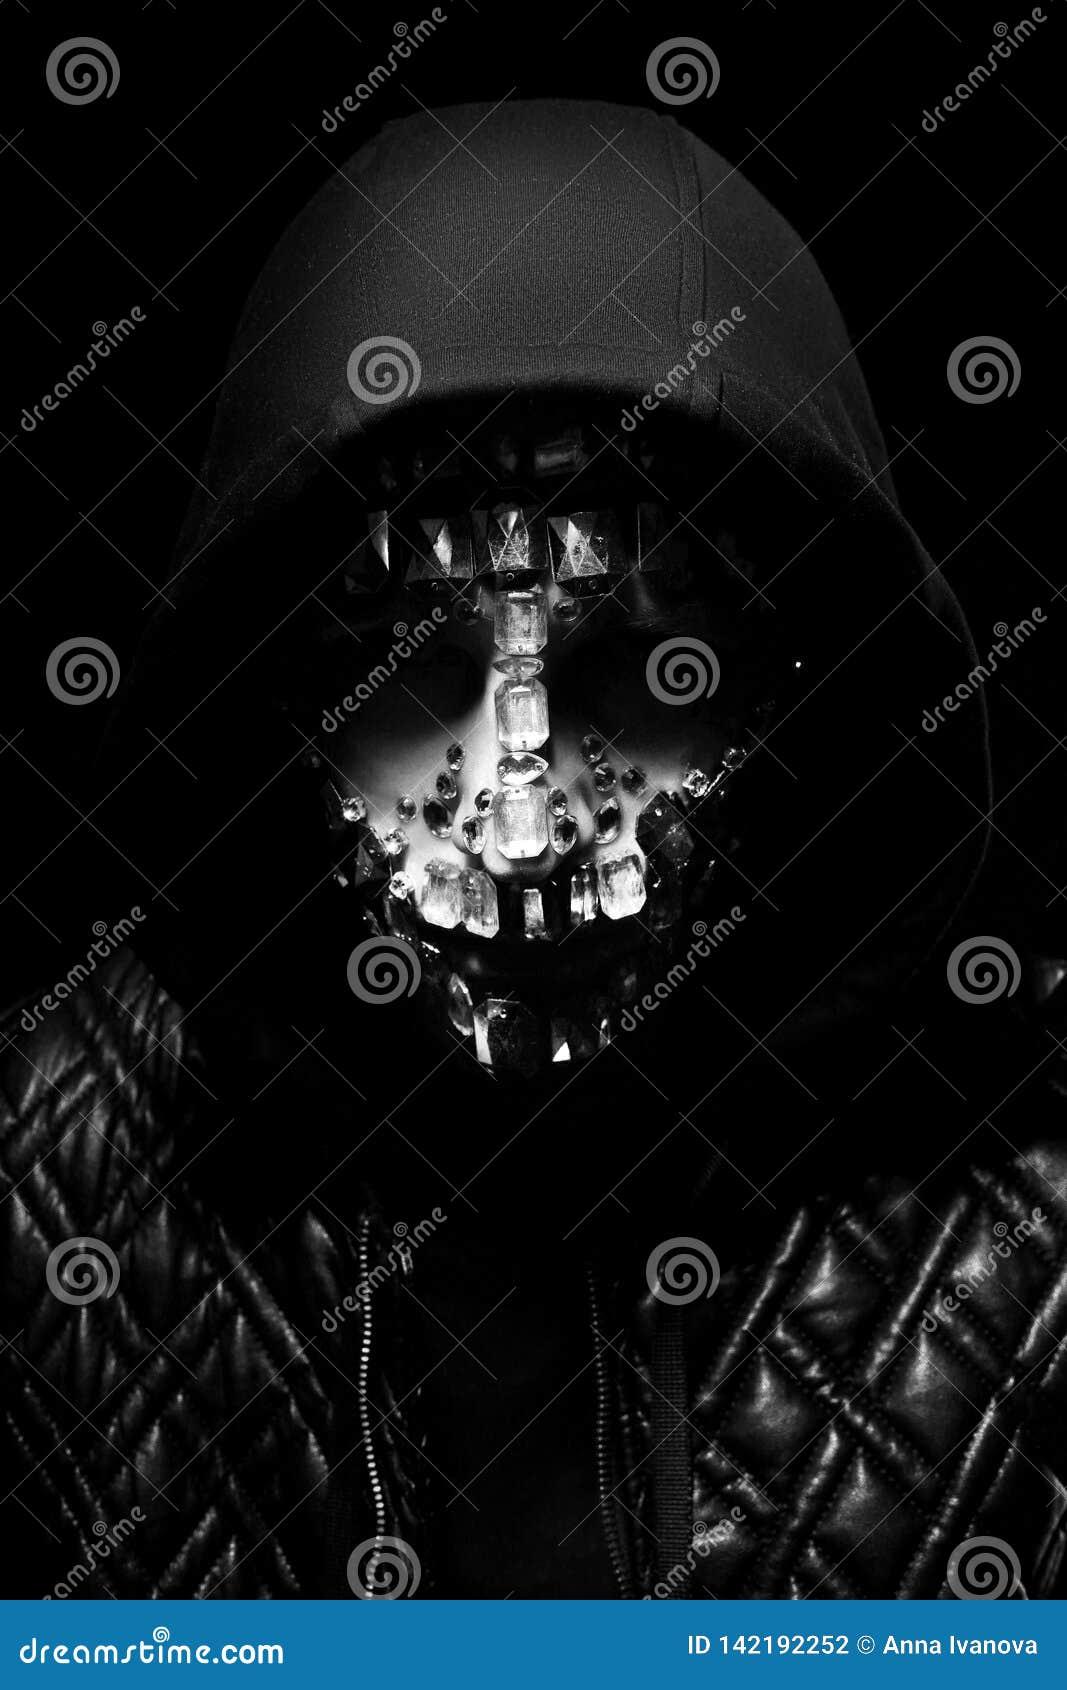 Kunstporträt eines mit Kapuze Mannes mit großen Bergkristallen auf seinem Gesicht Mysteriöser mystischer Auftritt eines Mannes Gr